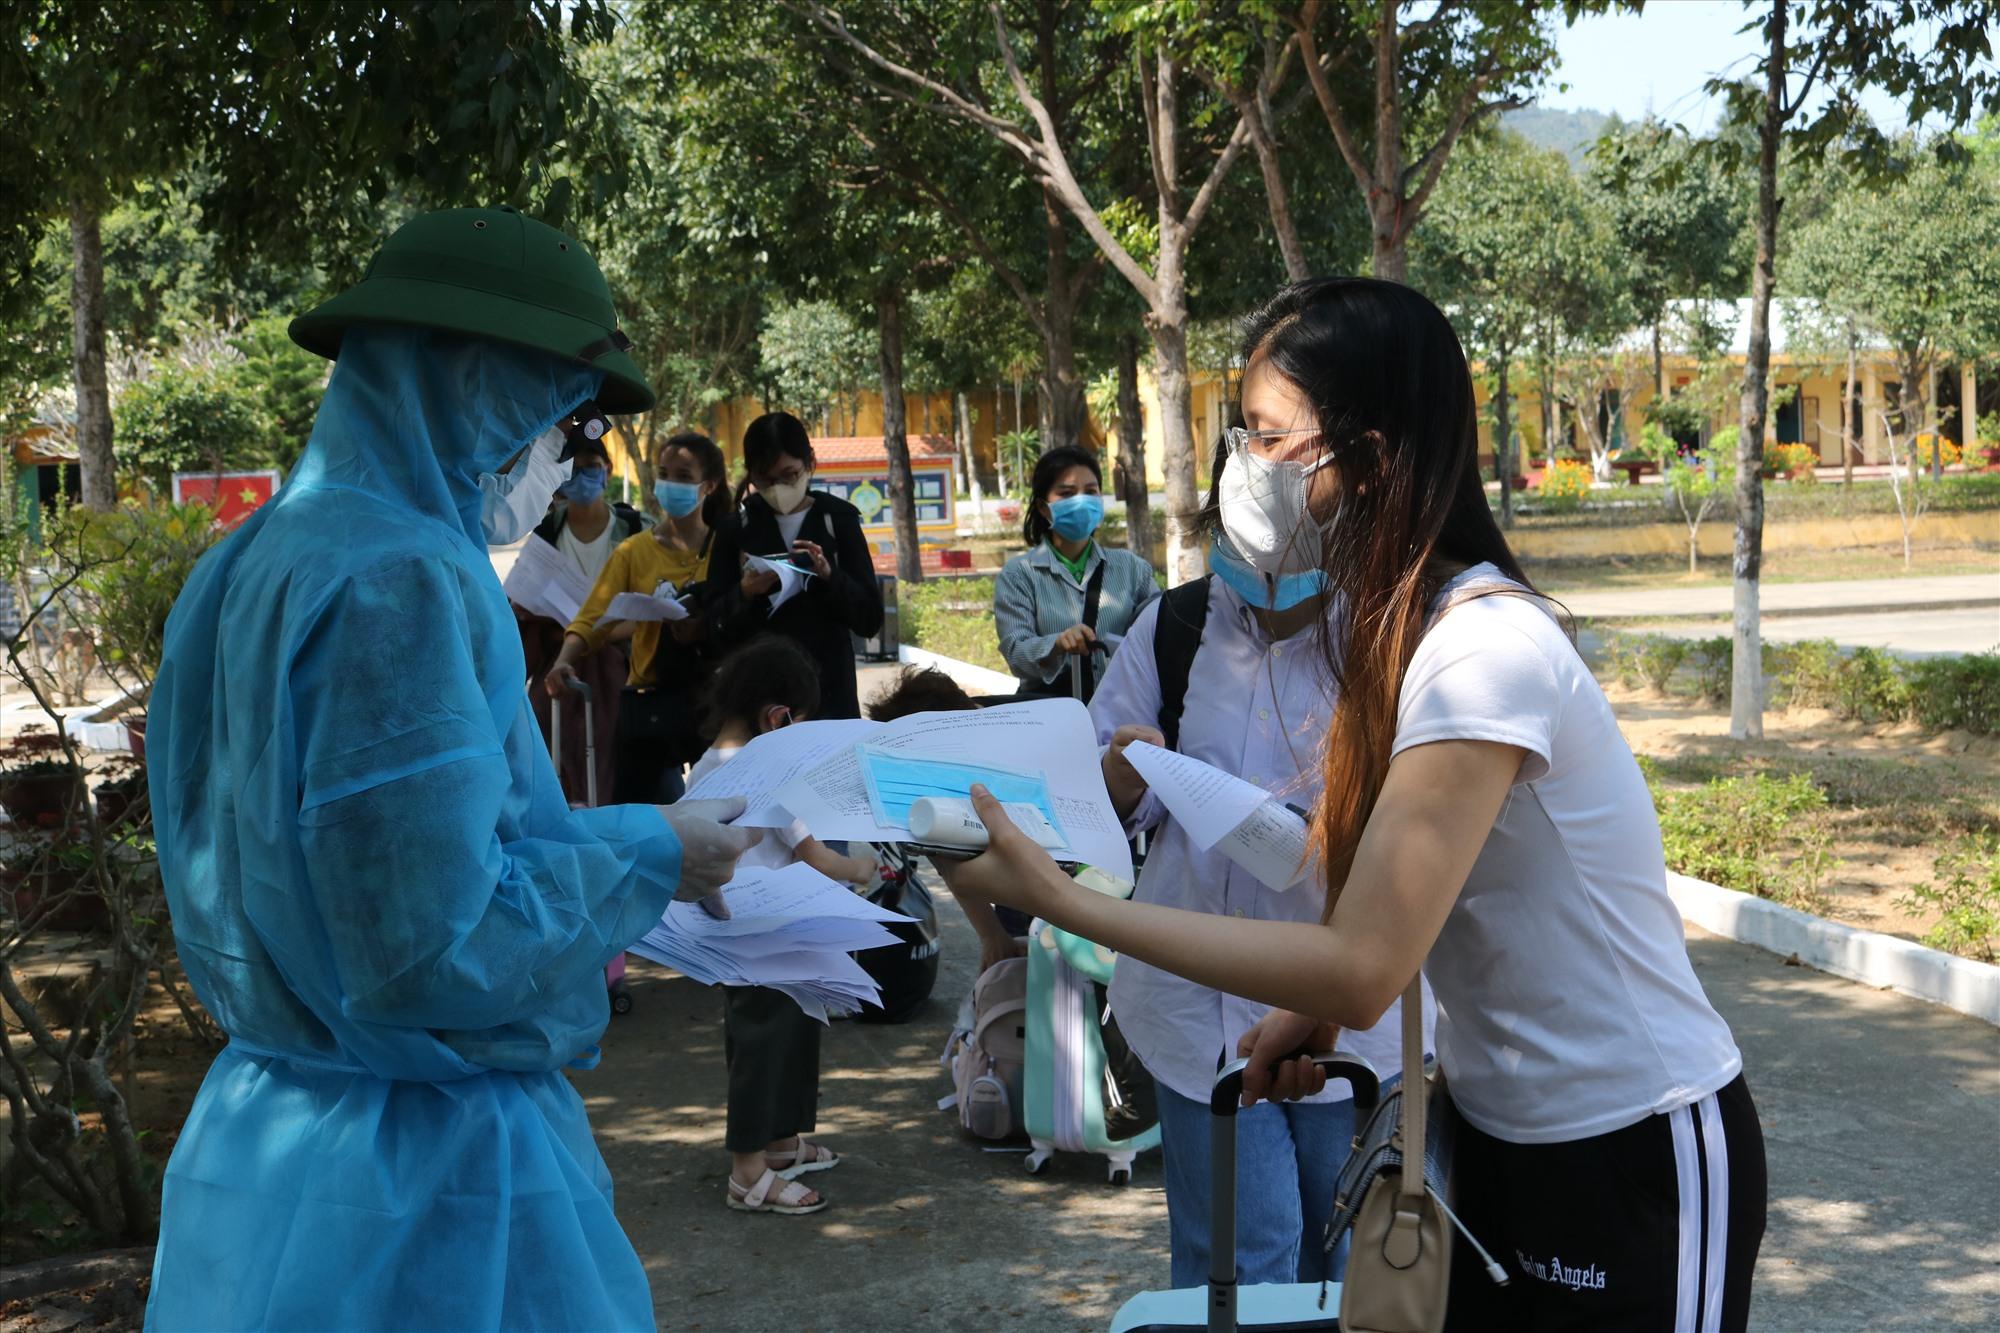 Bộ đội hướng dẫn công dân viết tờ khai y tế trước khi vào khu cách ly. Ảnh: V.H